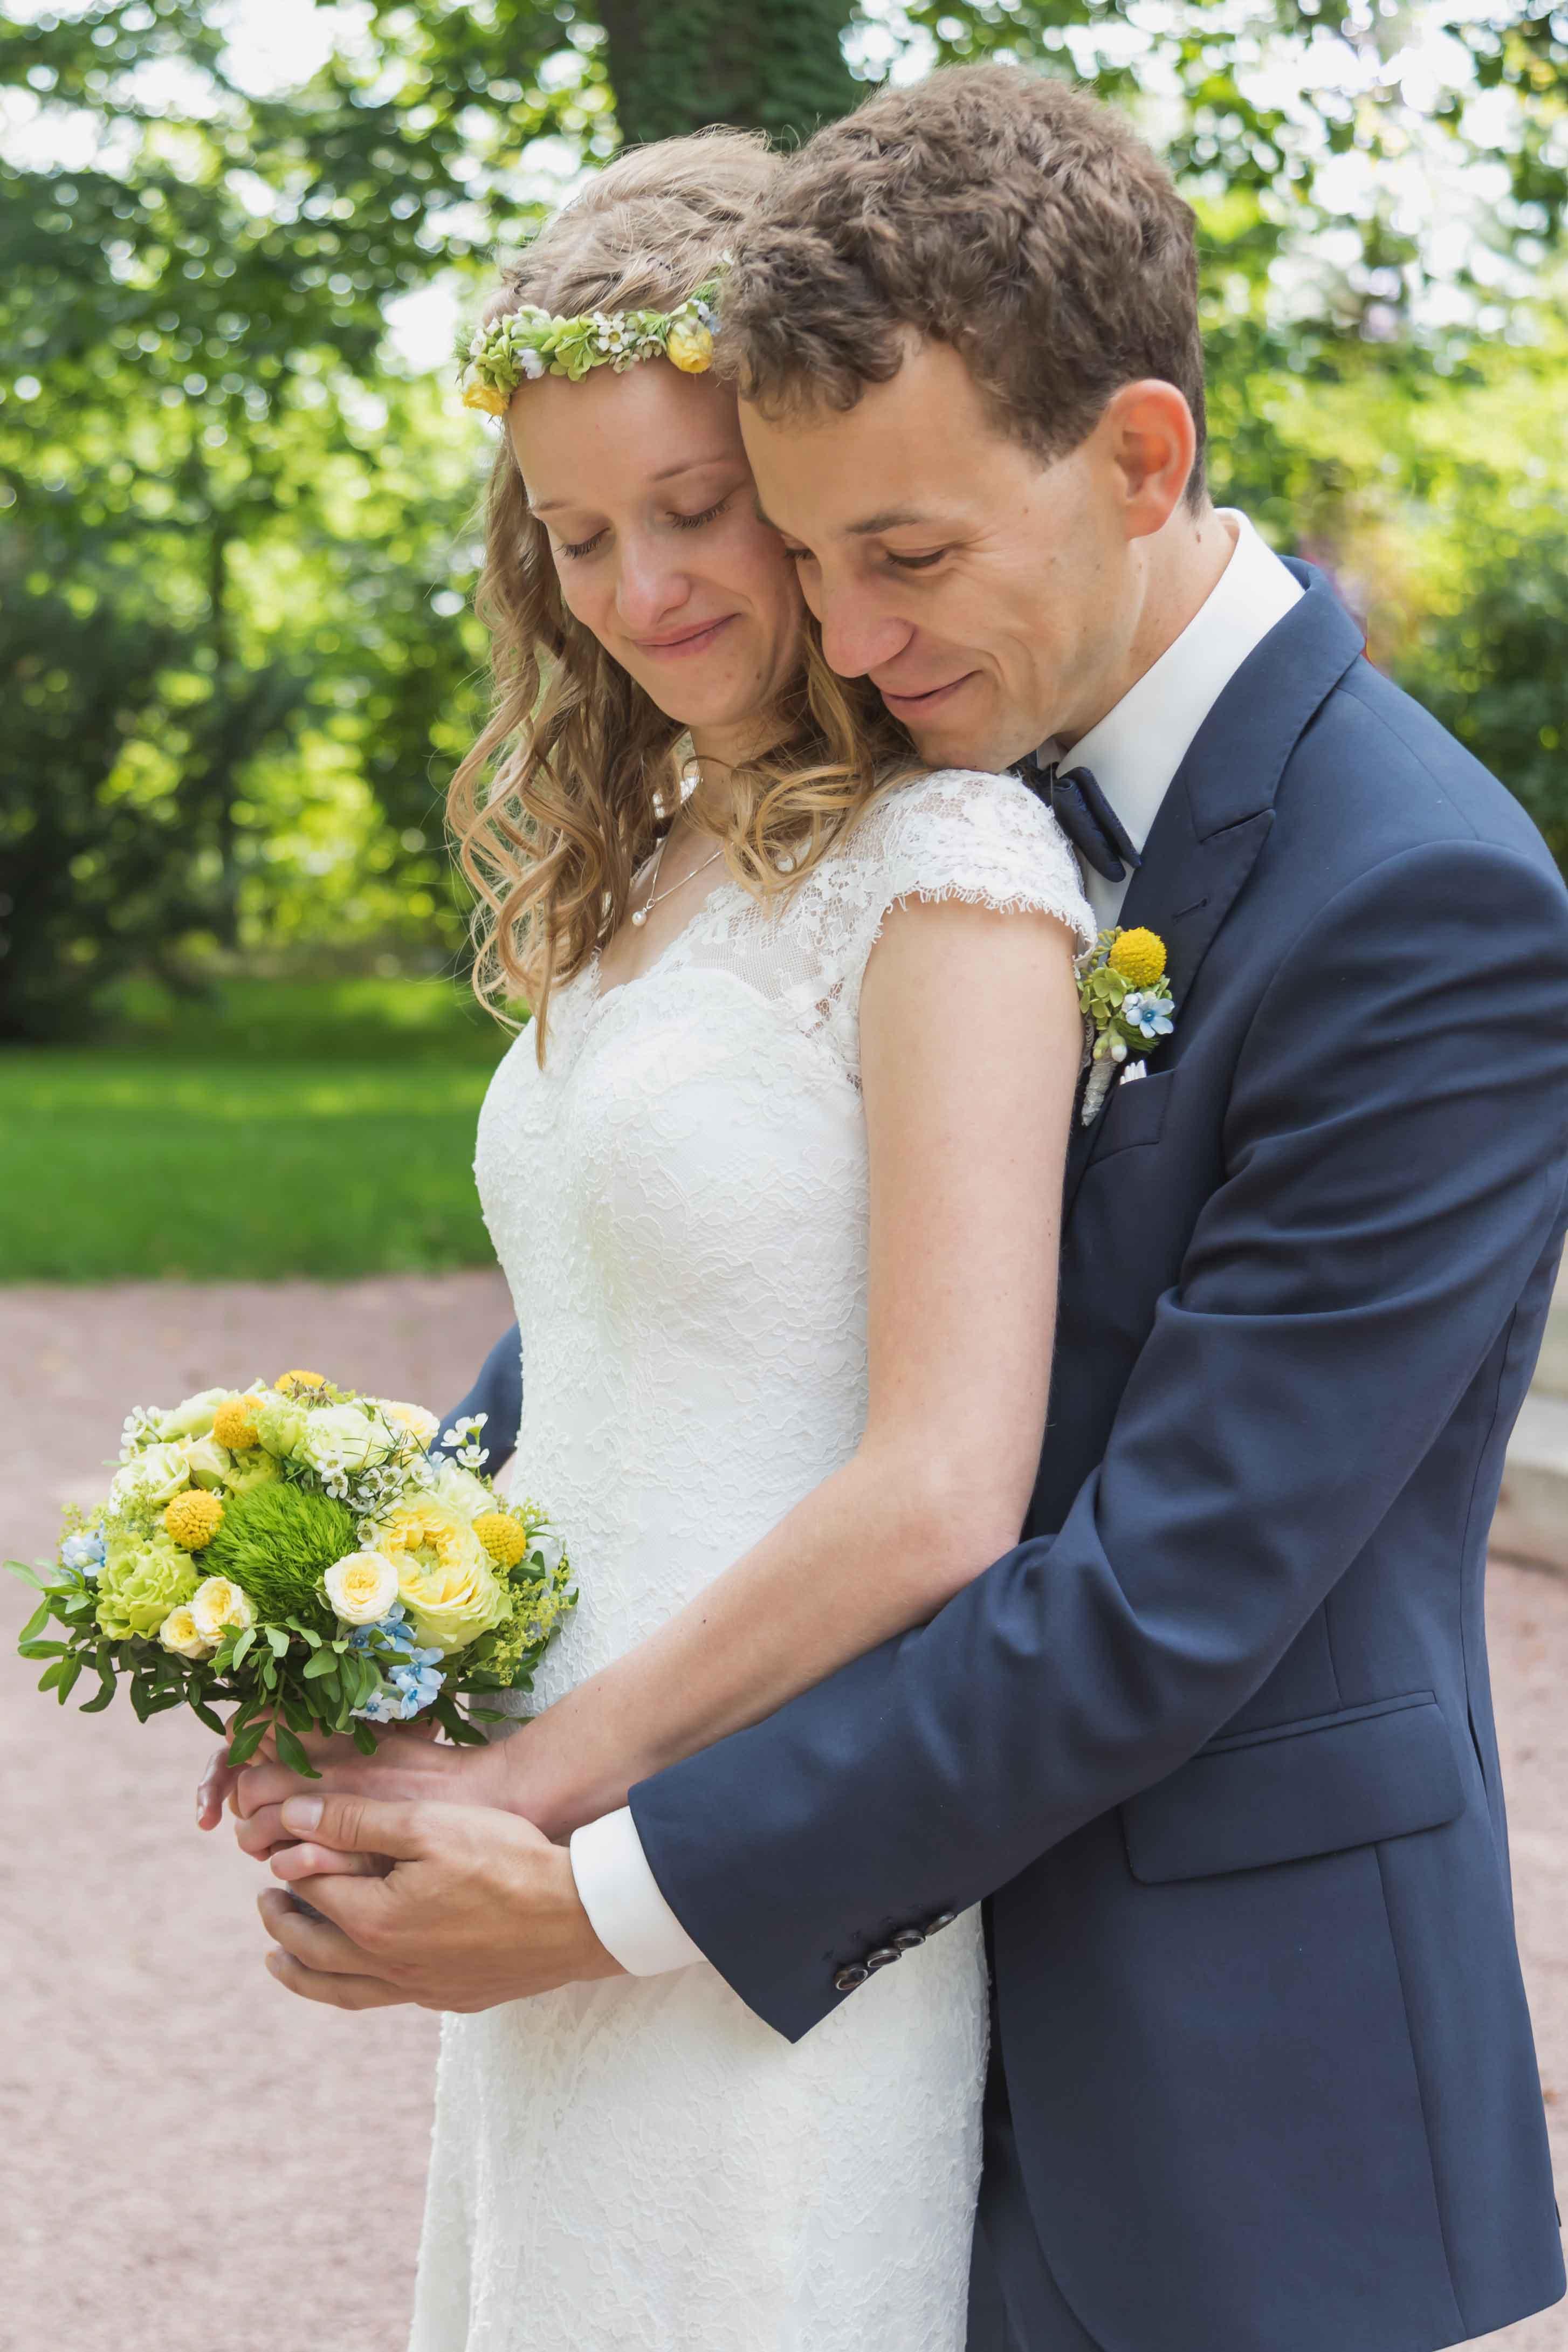 Hochzeit Fotoshooting Brautpaar